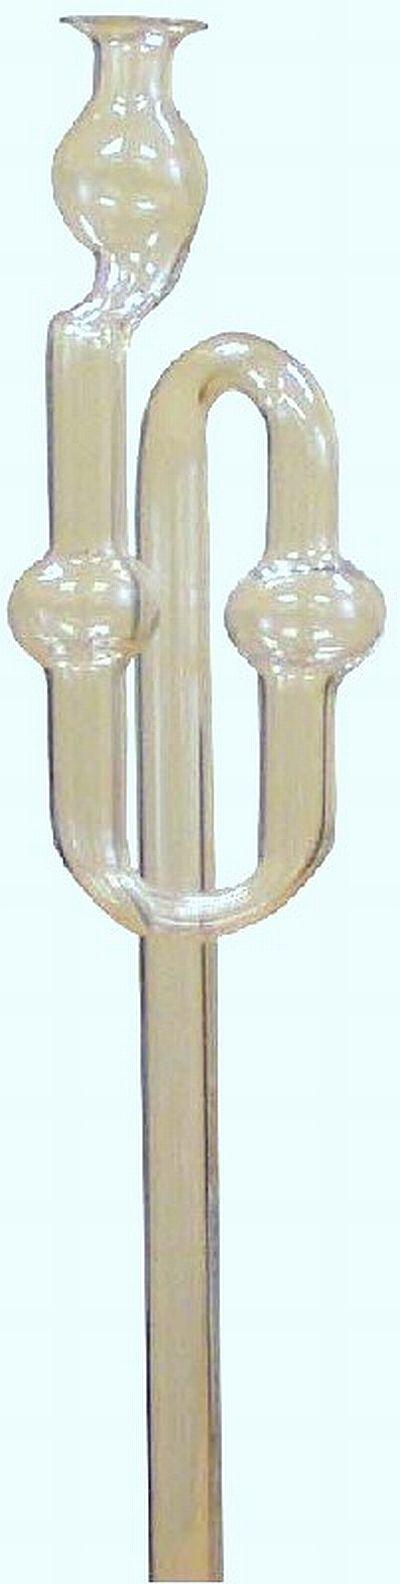 zátka-rourka kvasná 19cm, sklo